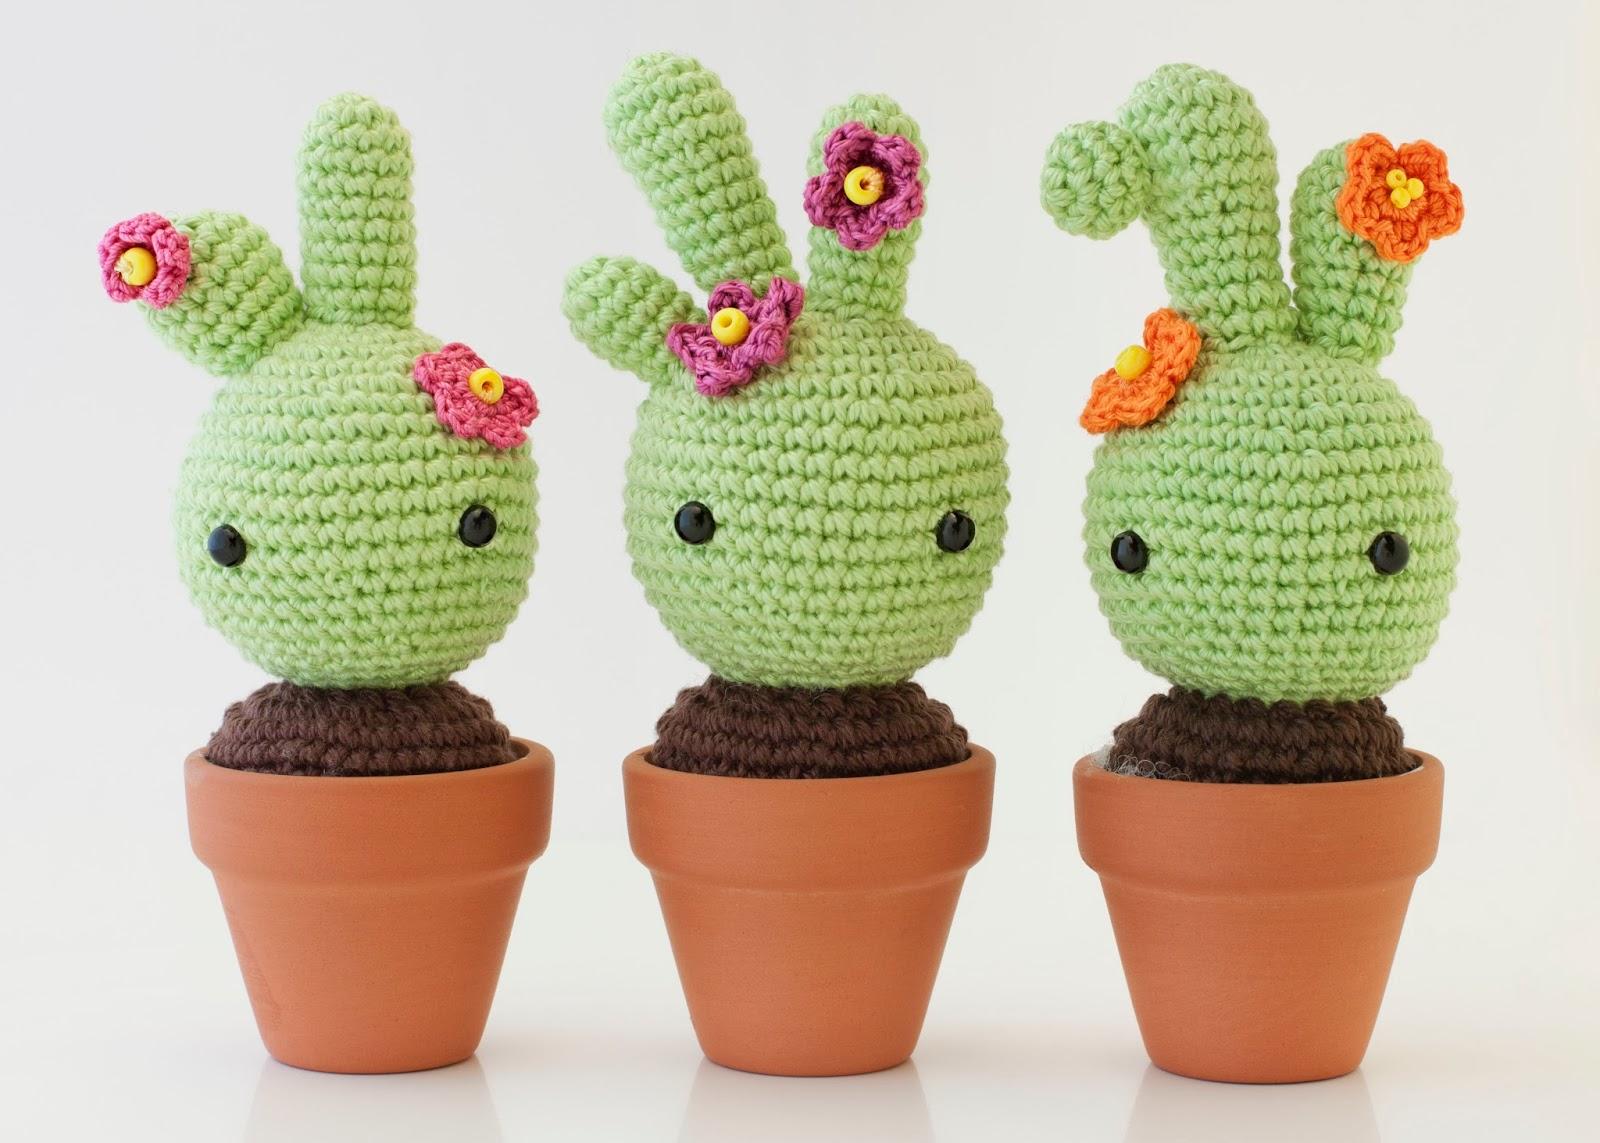 Patron Gratis Crochet: Cactus Neon con Flor Super Facil. En ... | 1143x1600